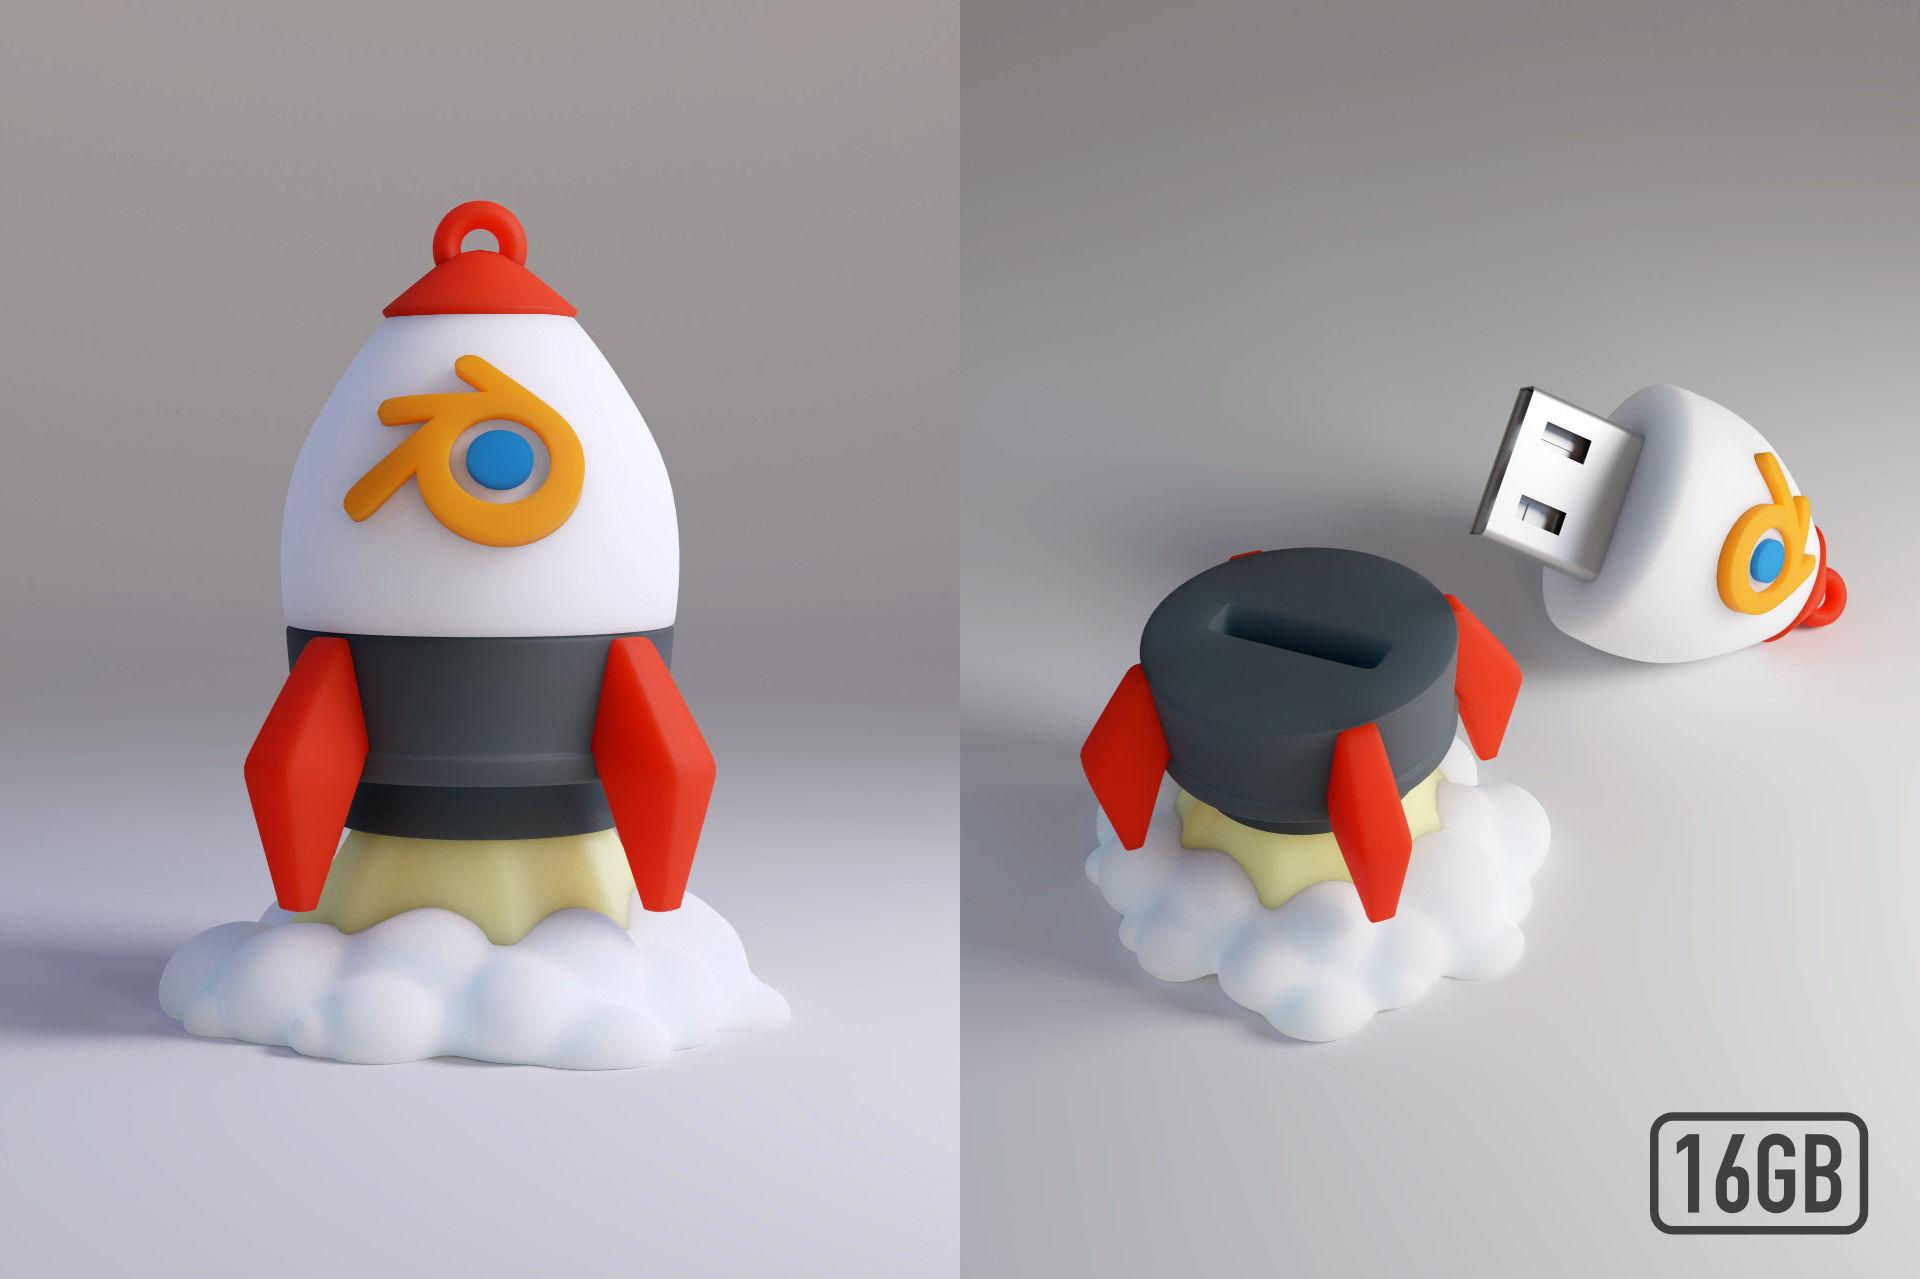 Code Quest Rocket